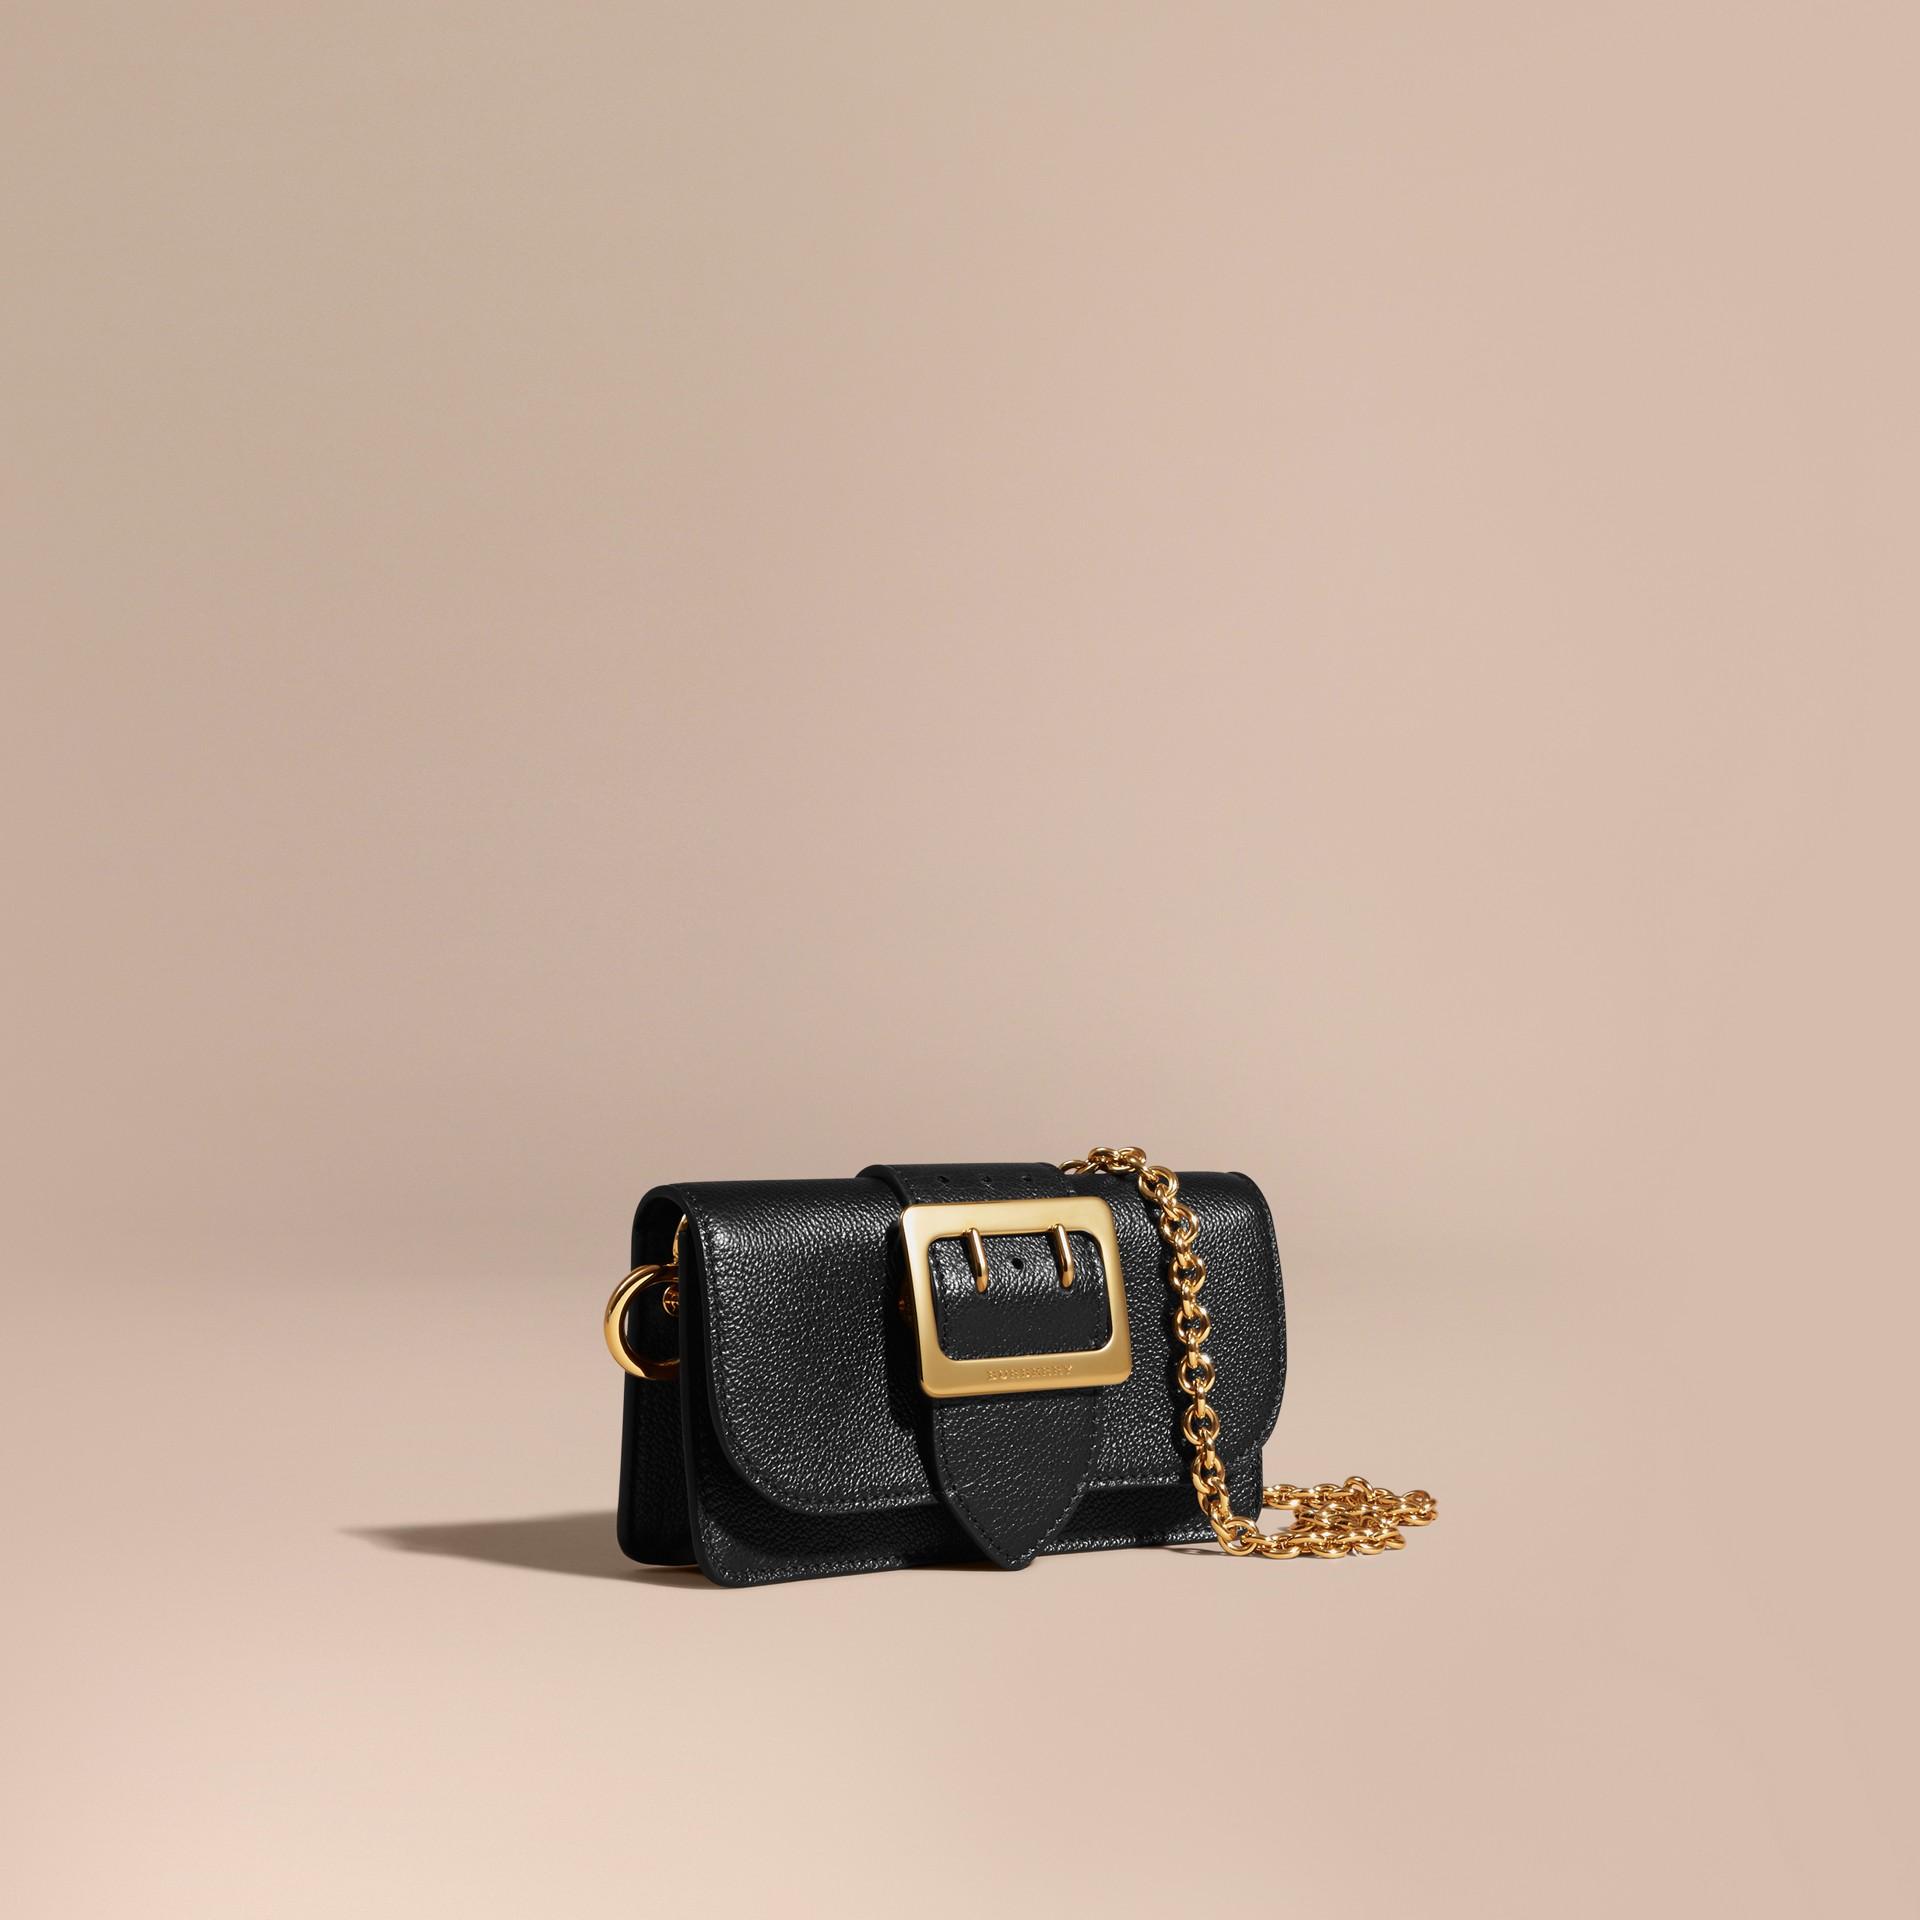 Bolso Buckle mini en piel granulada Negro - imagen de la galería 1